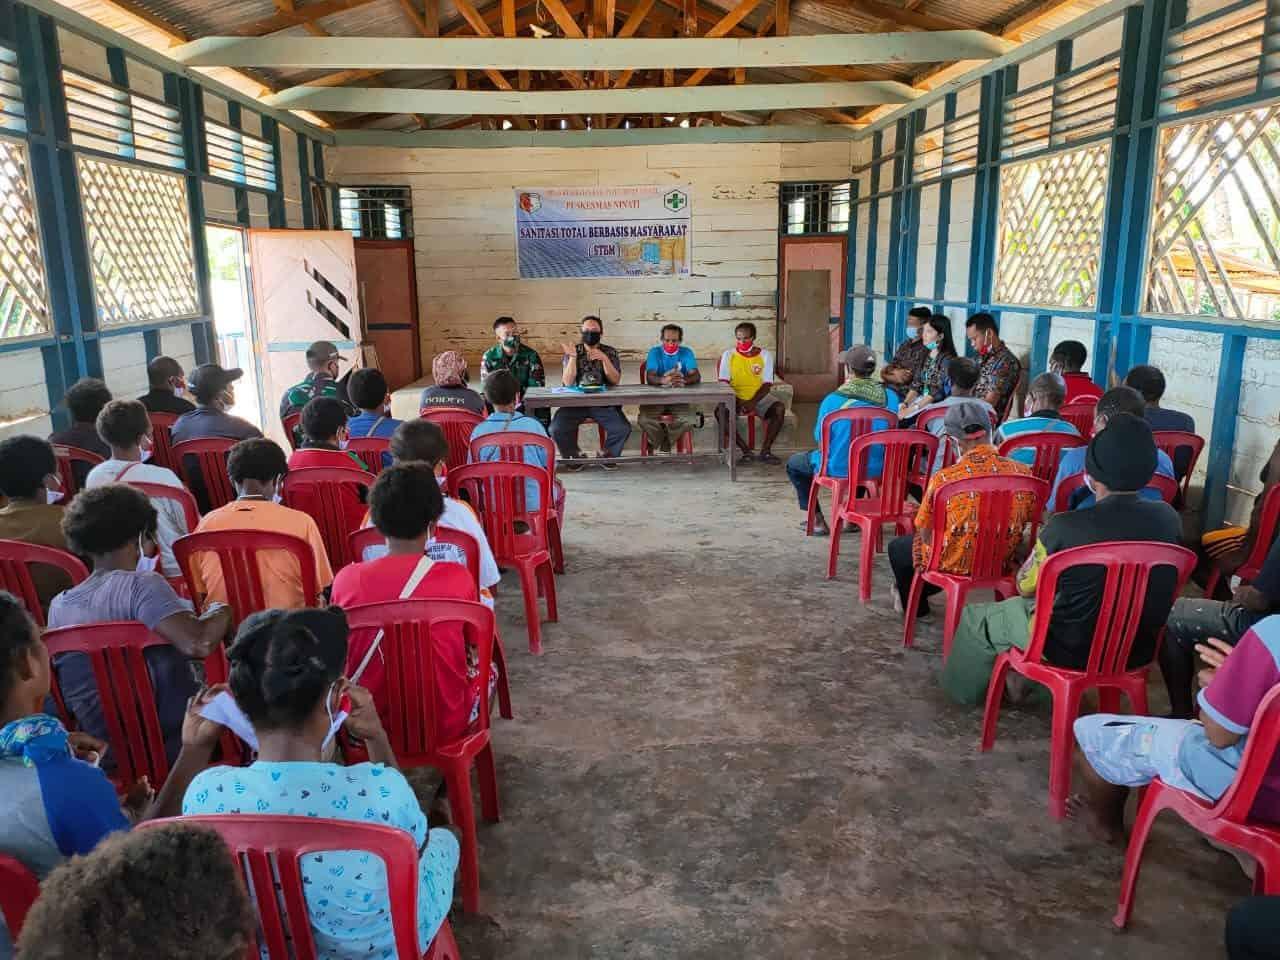 Satgas Yonif Mekanis 516/CY Gandeng Dinas Kesehatan Gelar Penyuluhan Sanitasi Total Berbasis Masyarakat